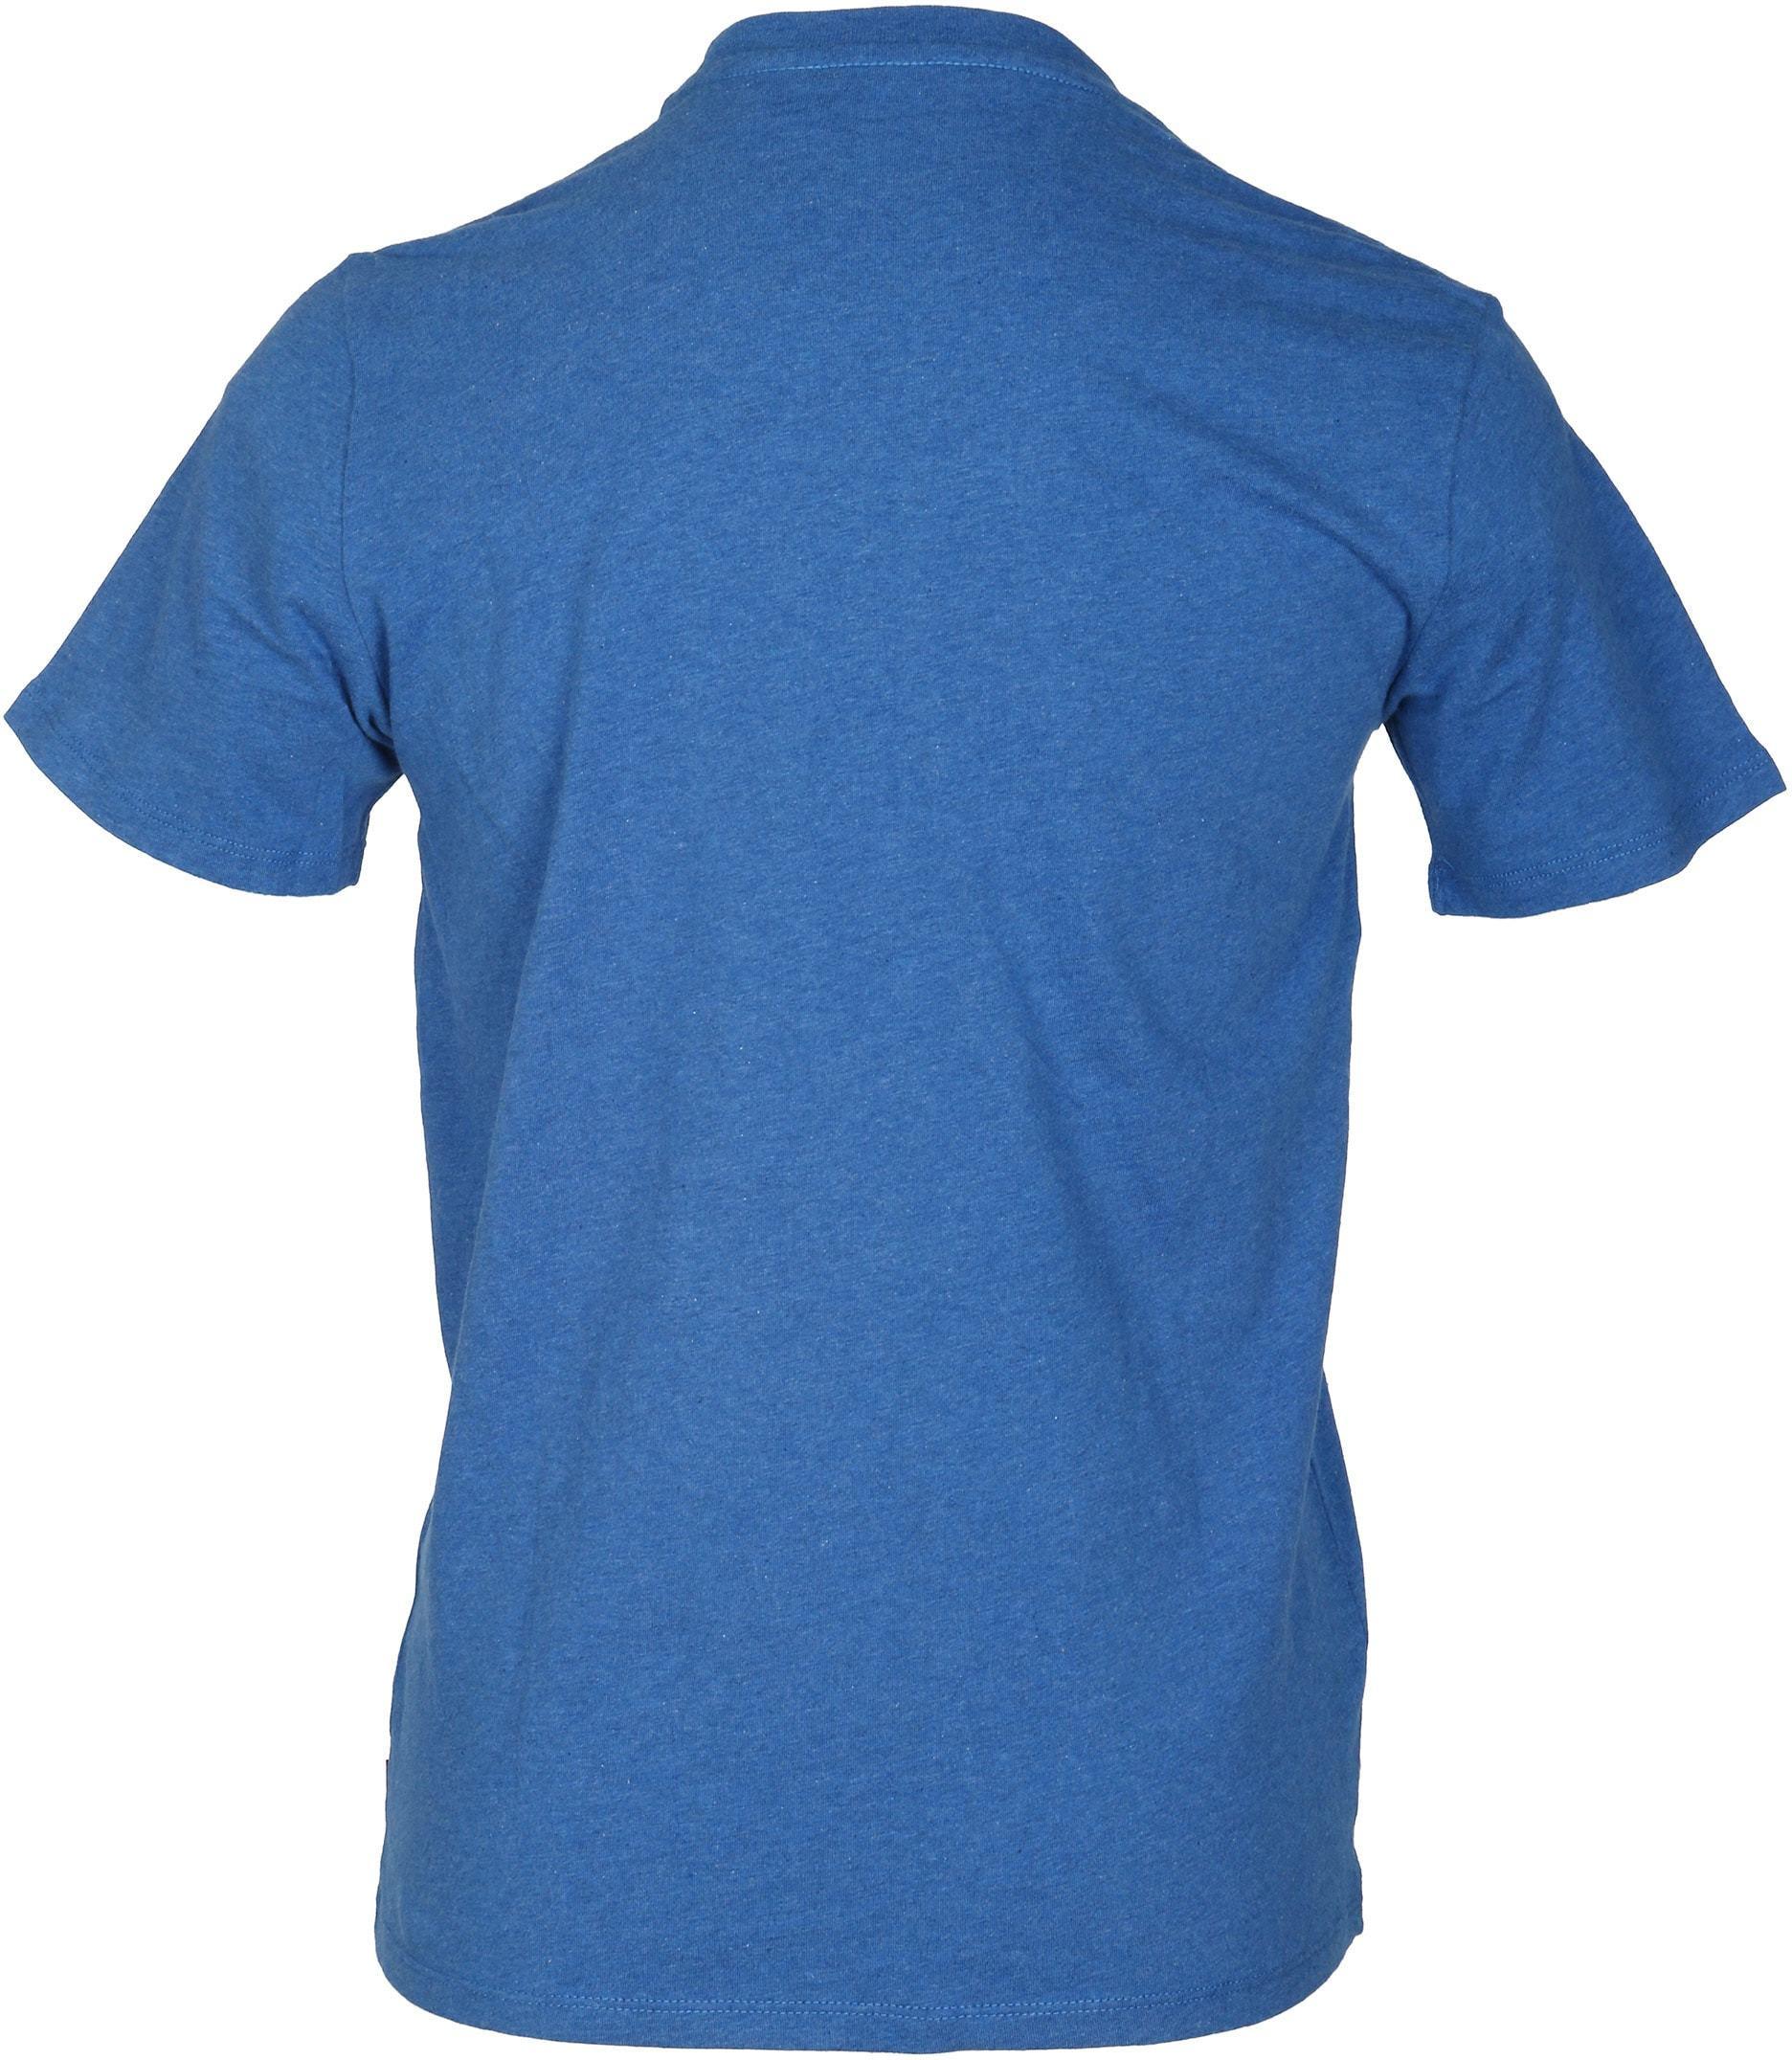 Levi's T-shirt Print Blauw foto 2